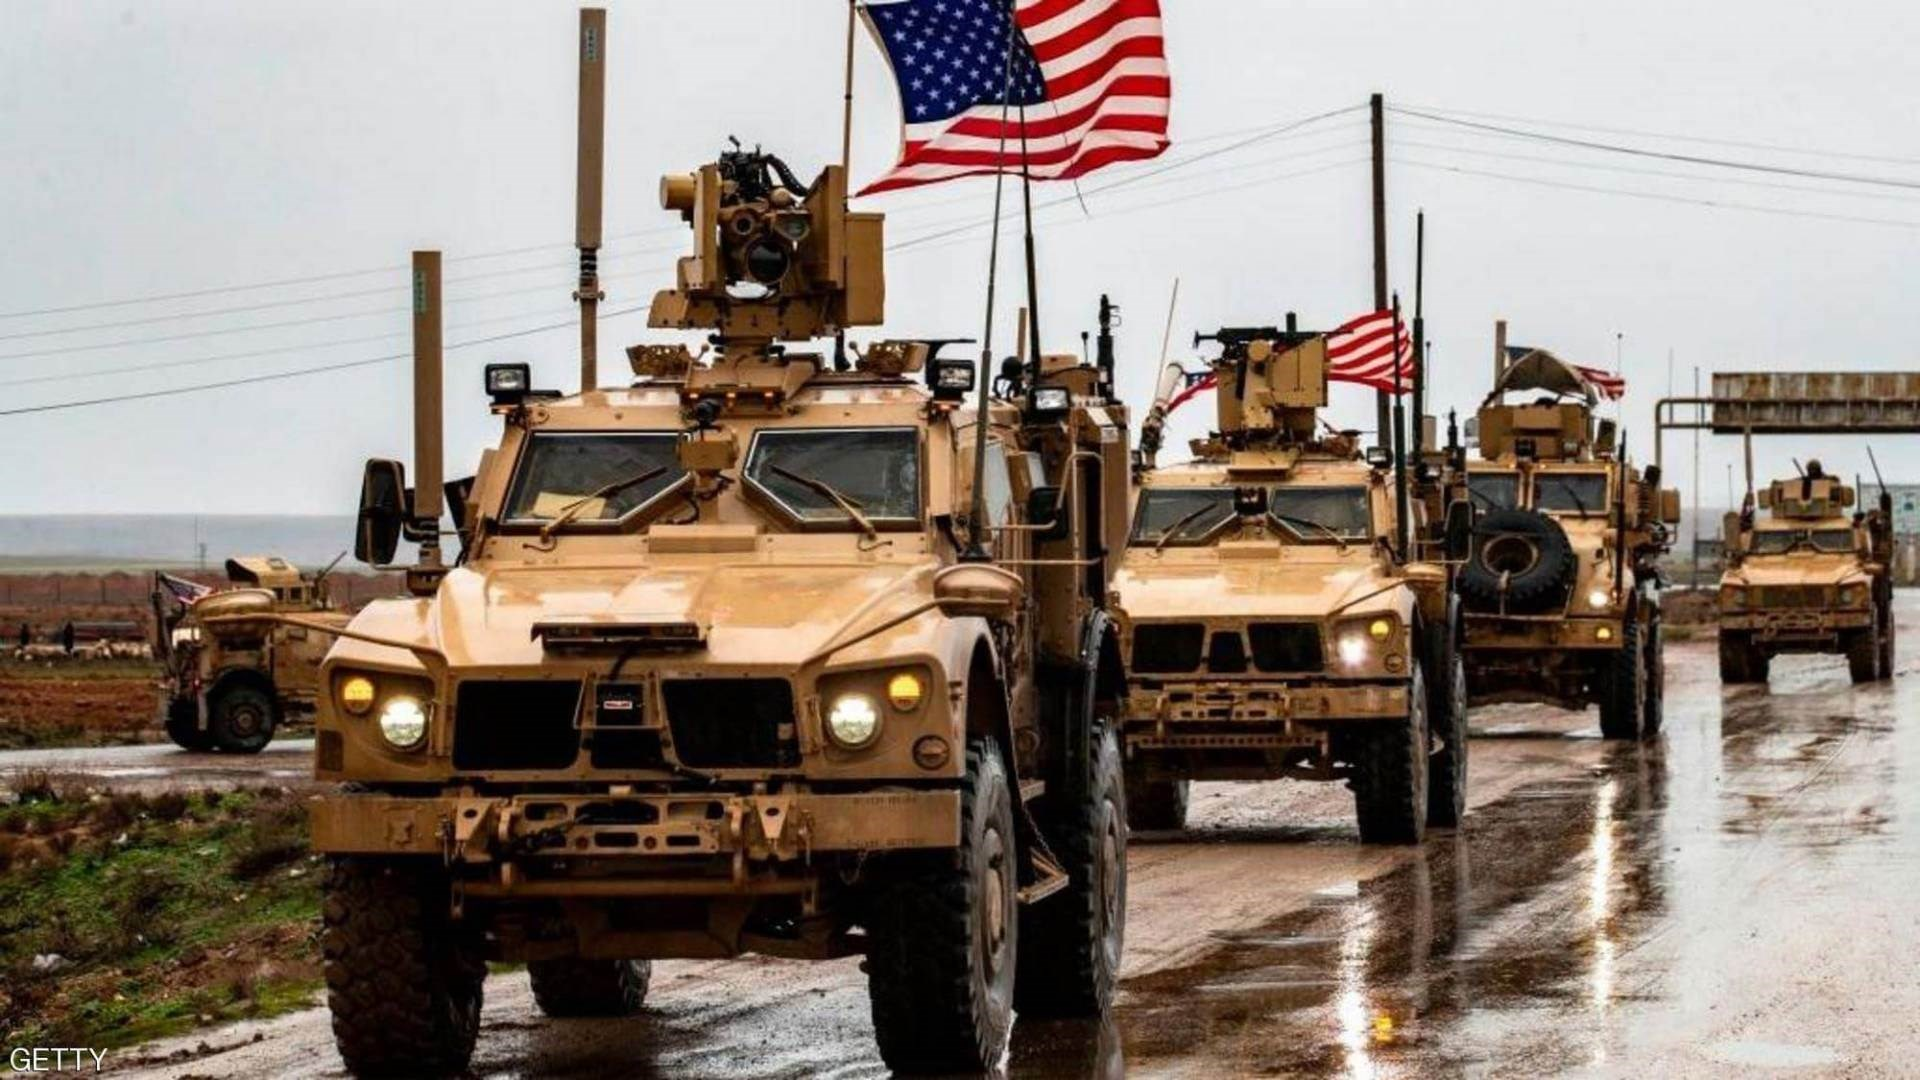 الرتل اللوجستي الأميركي كان على أوتوستراد الشعلة في بغداد